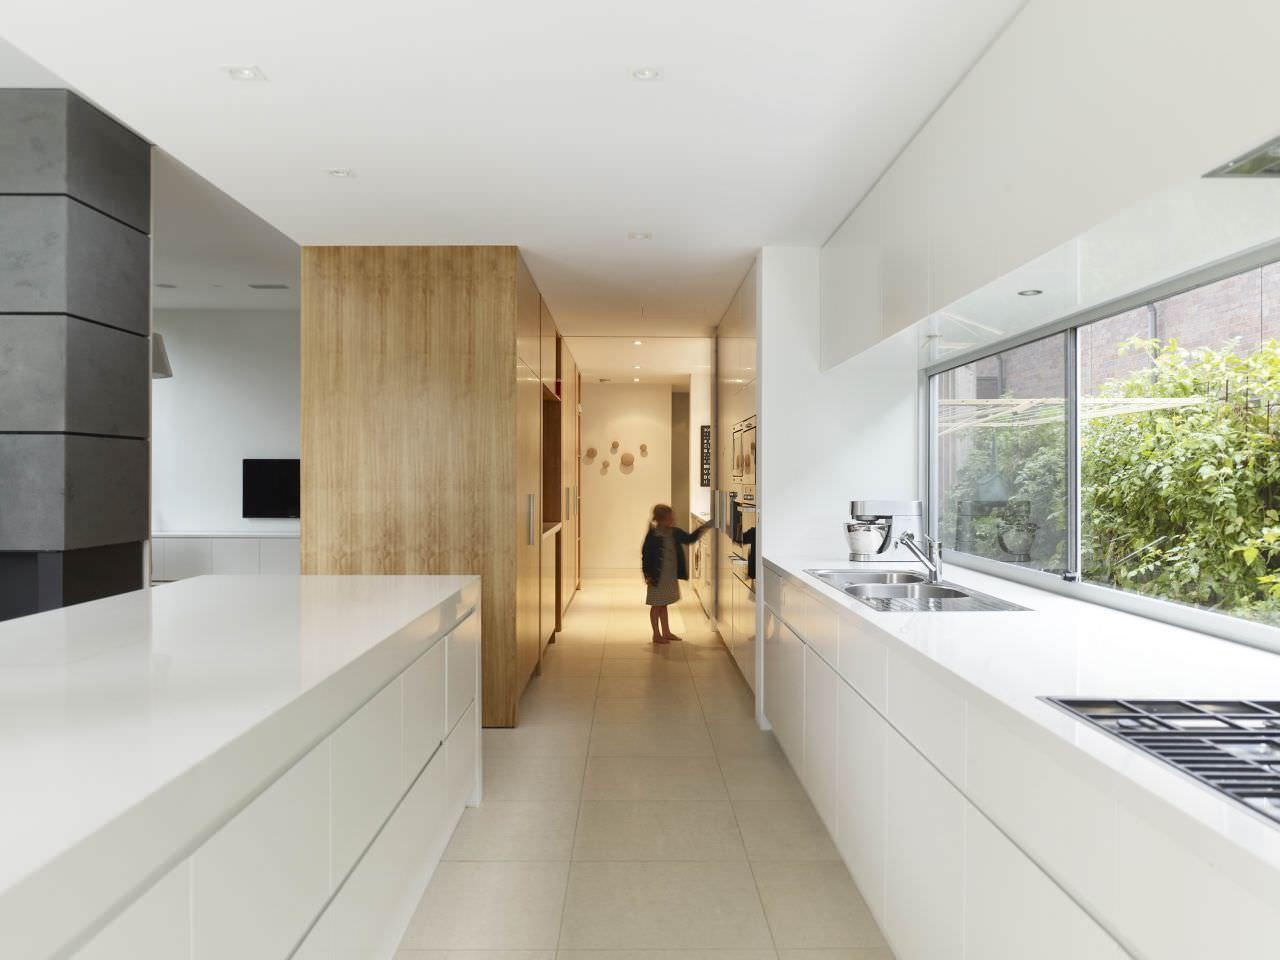 Узкая кухня тоже может быть стильной, главное - не нагромождать ее лишними элементами